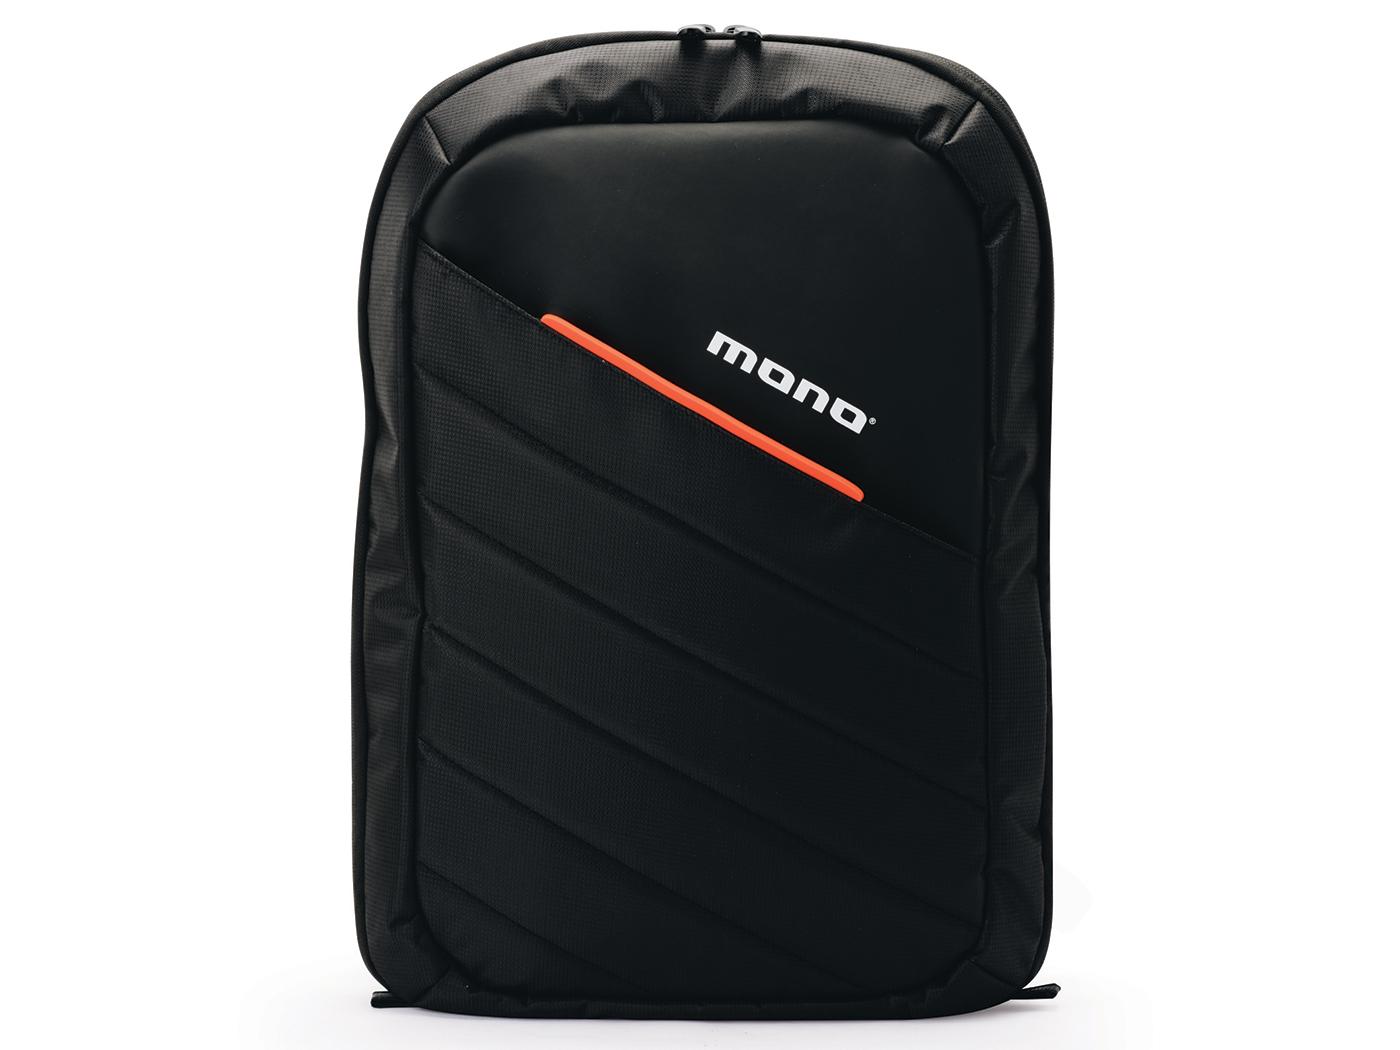 mono stealth alias bag front